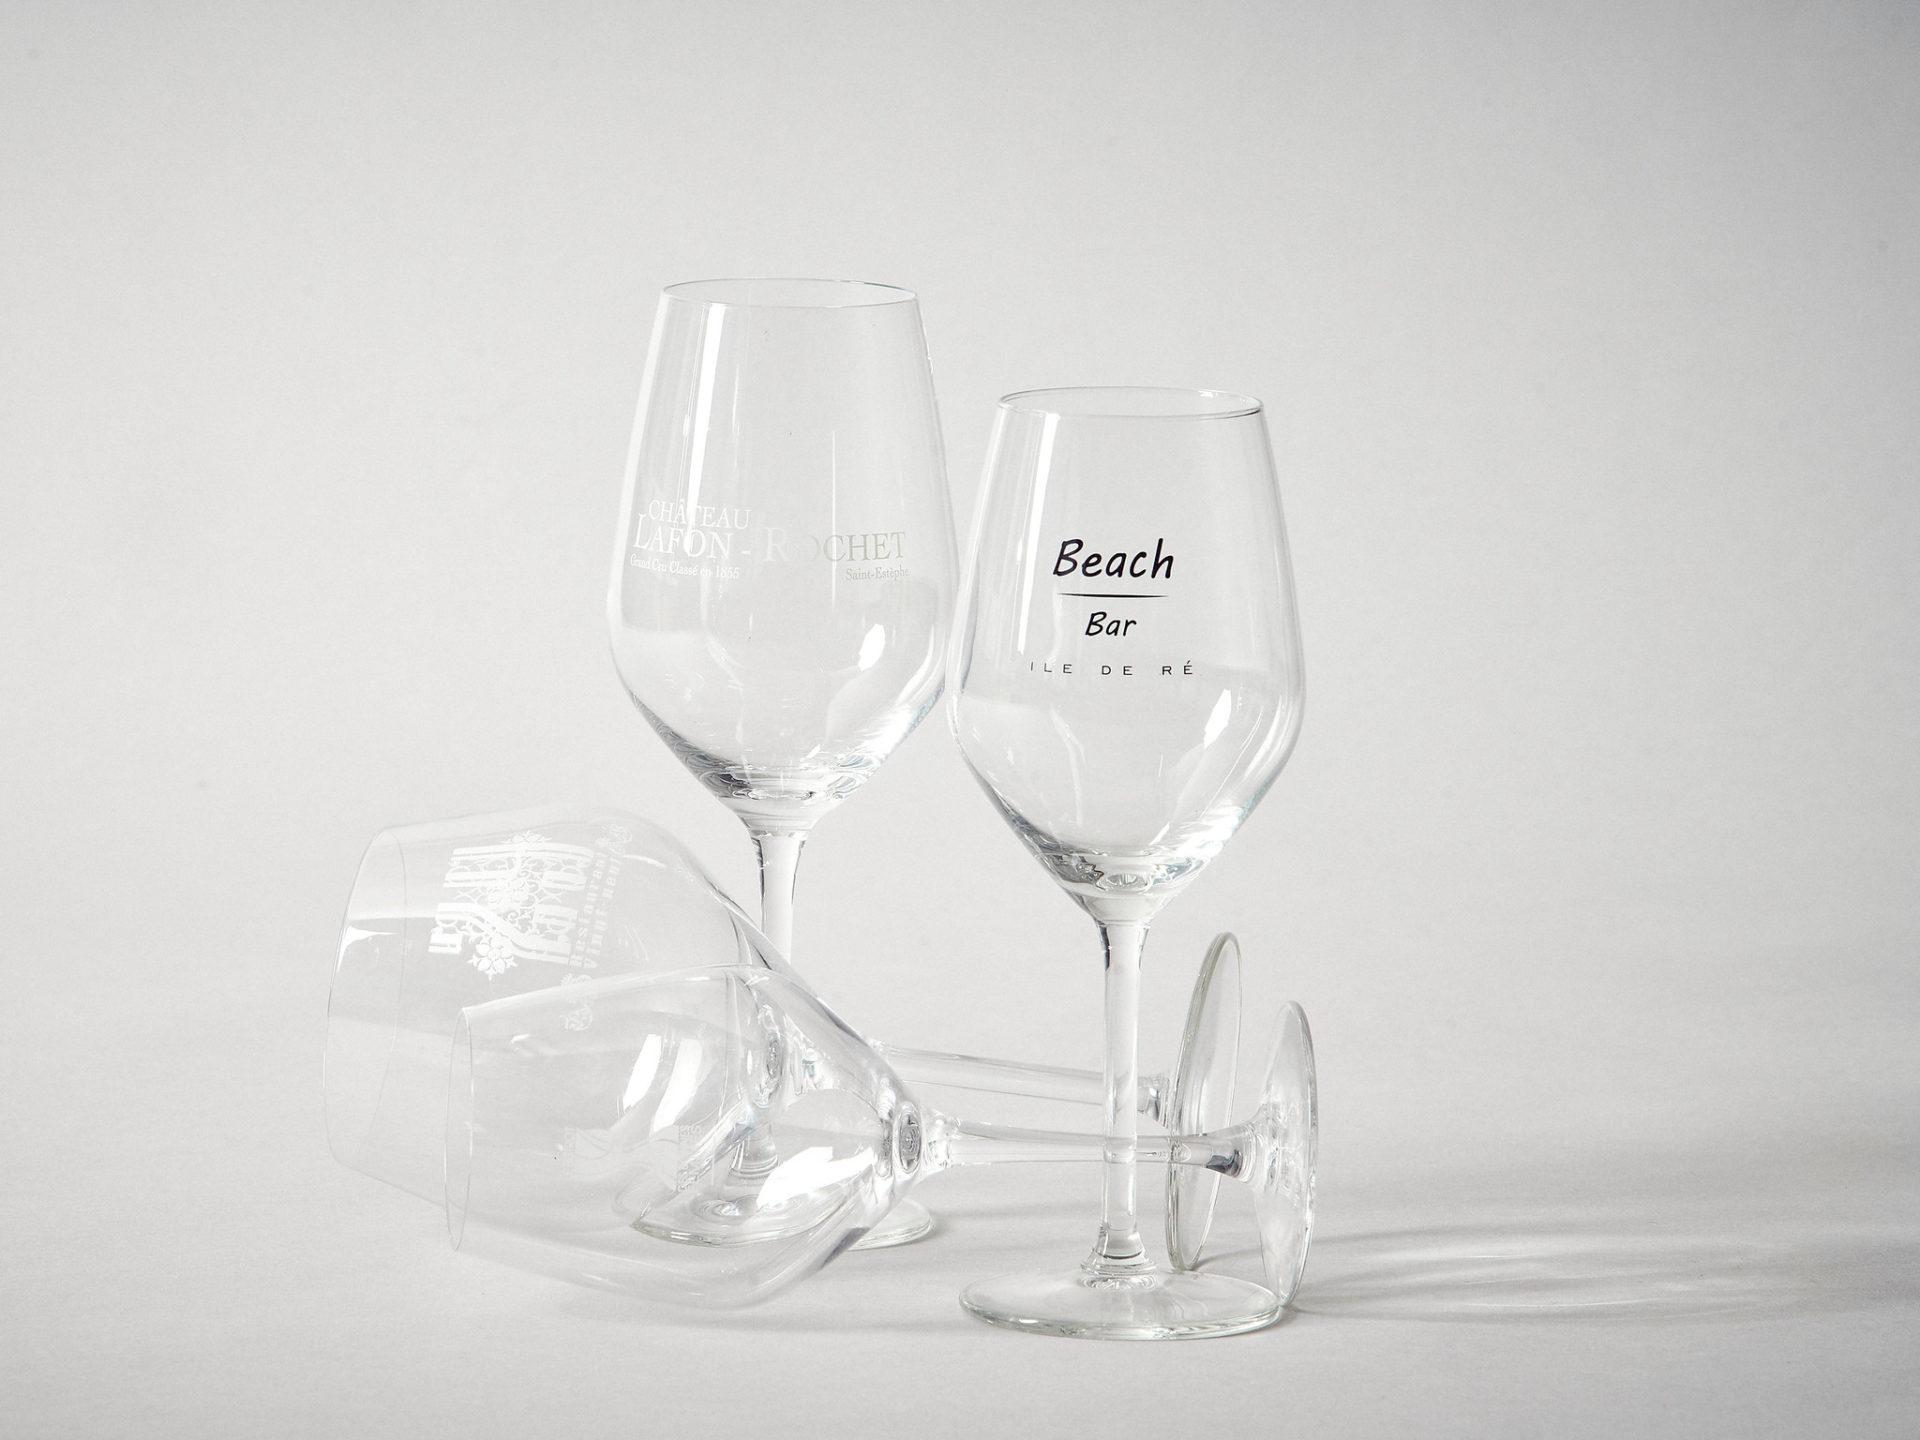 Quel verre choisir pour quel vin